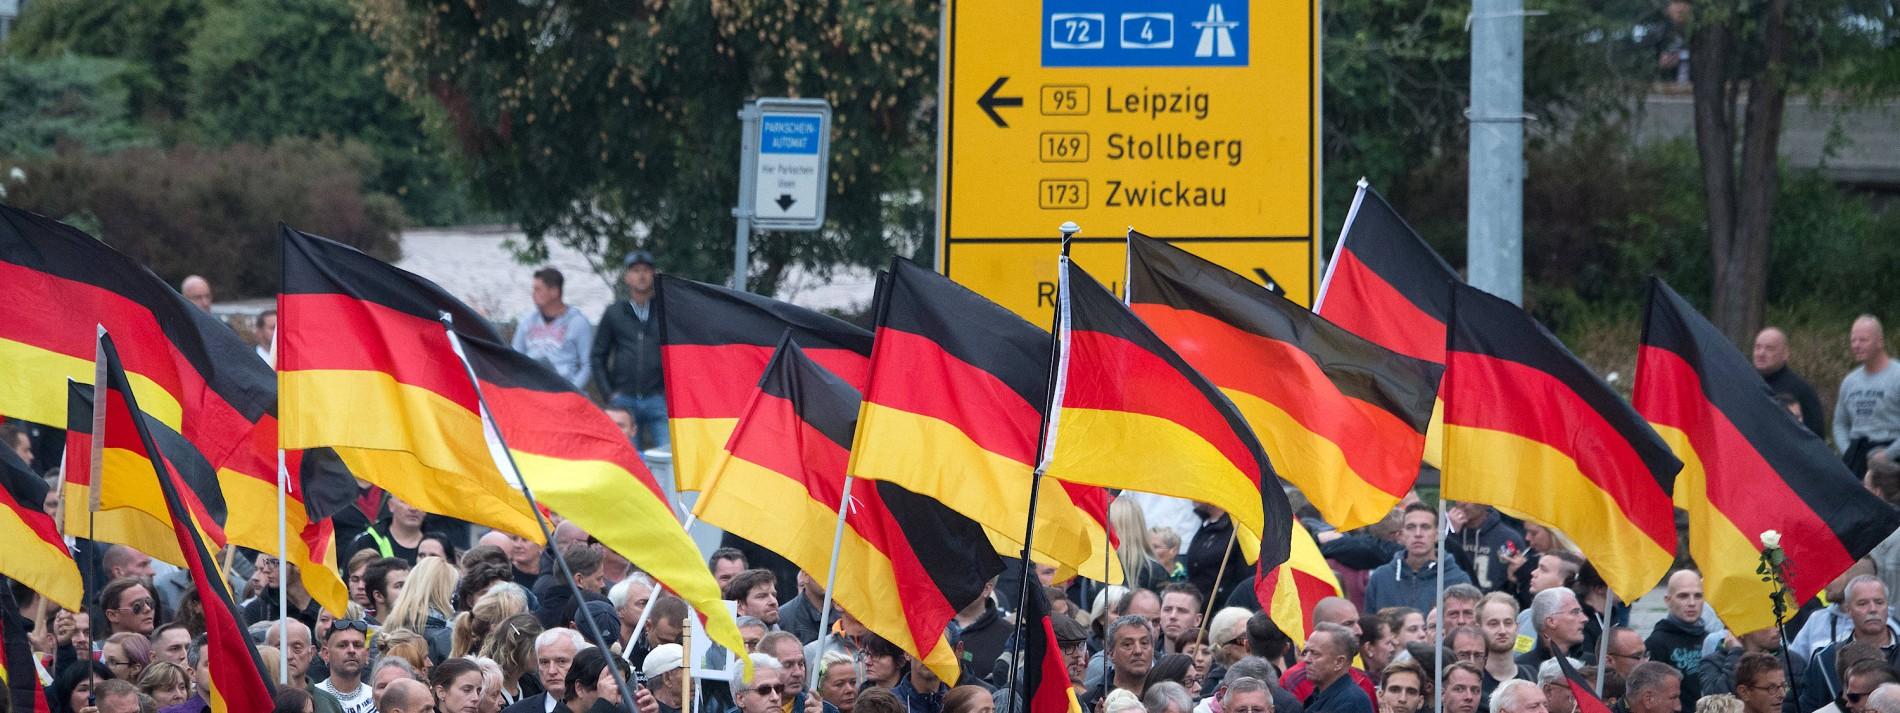 Verfassungsschutz in Sachsen stuft Pegida als rechtsextremistisch ein